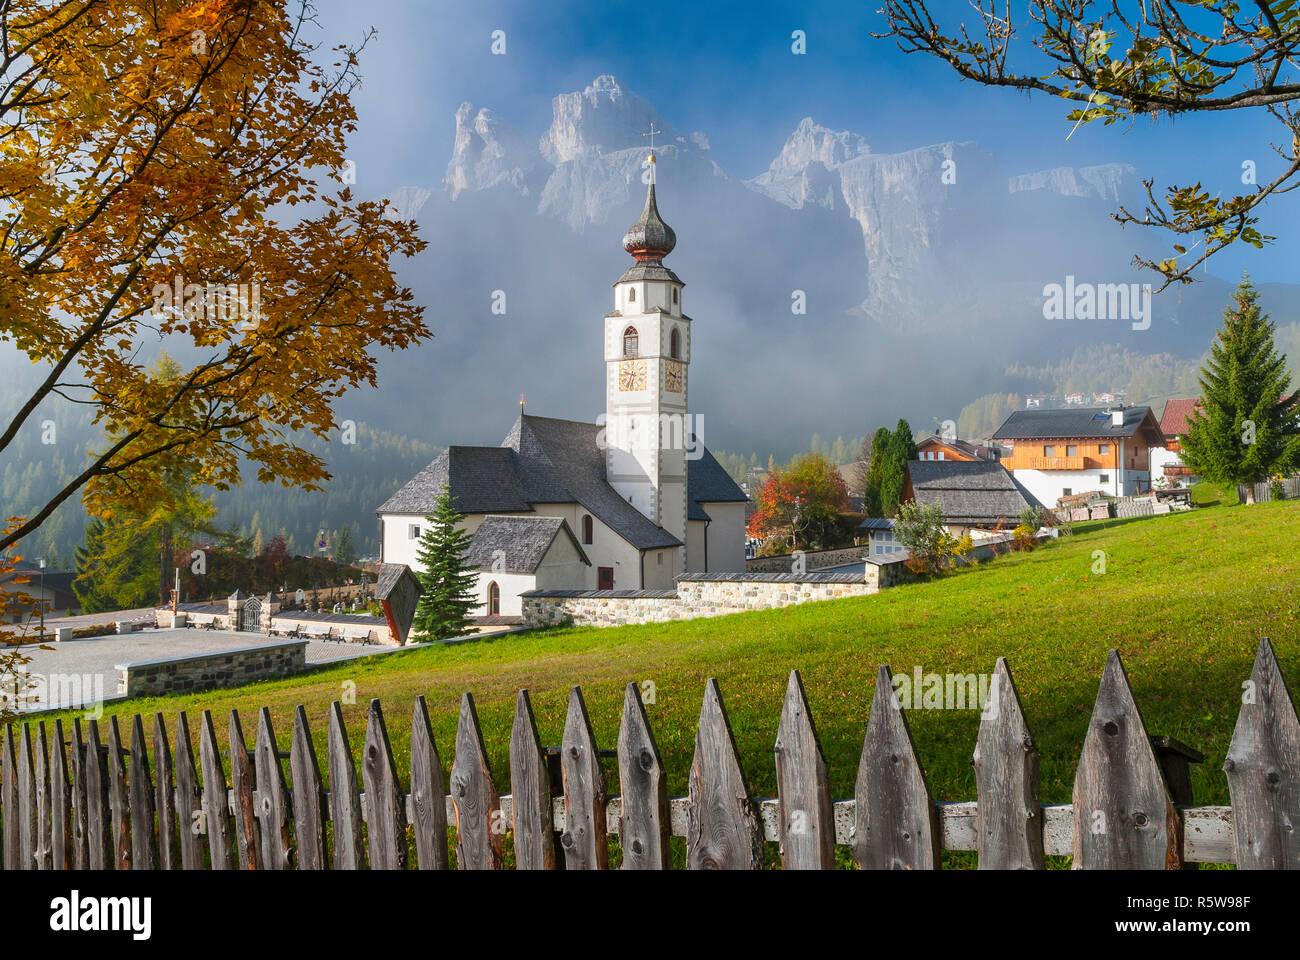 Parish Church St. Vigilius in Colfosco, Dolomites, Italy Stock Photo